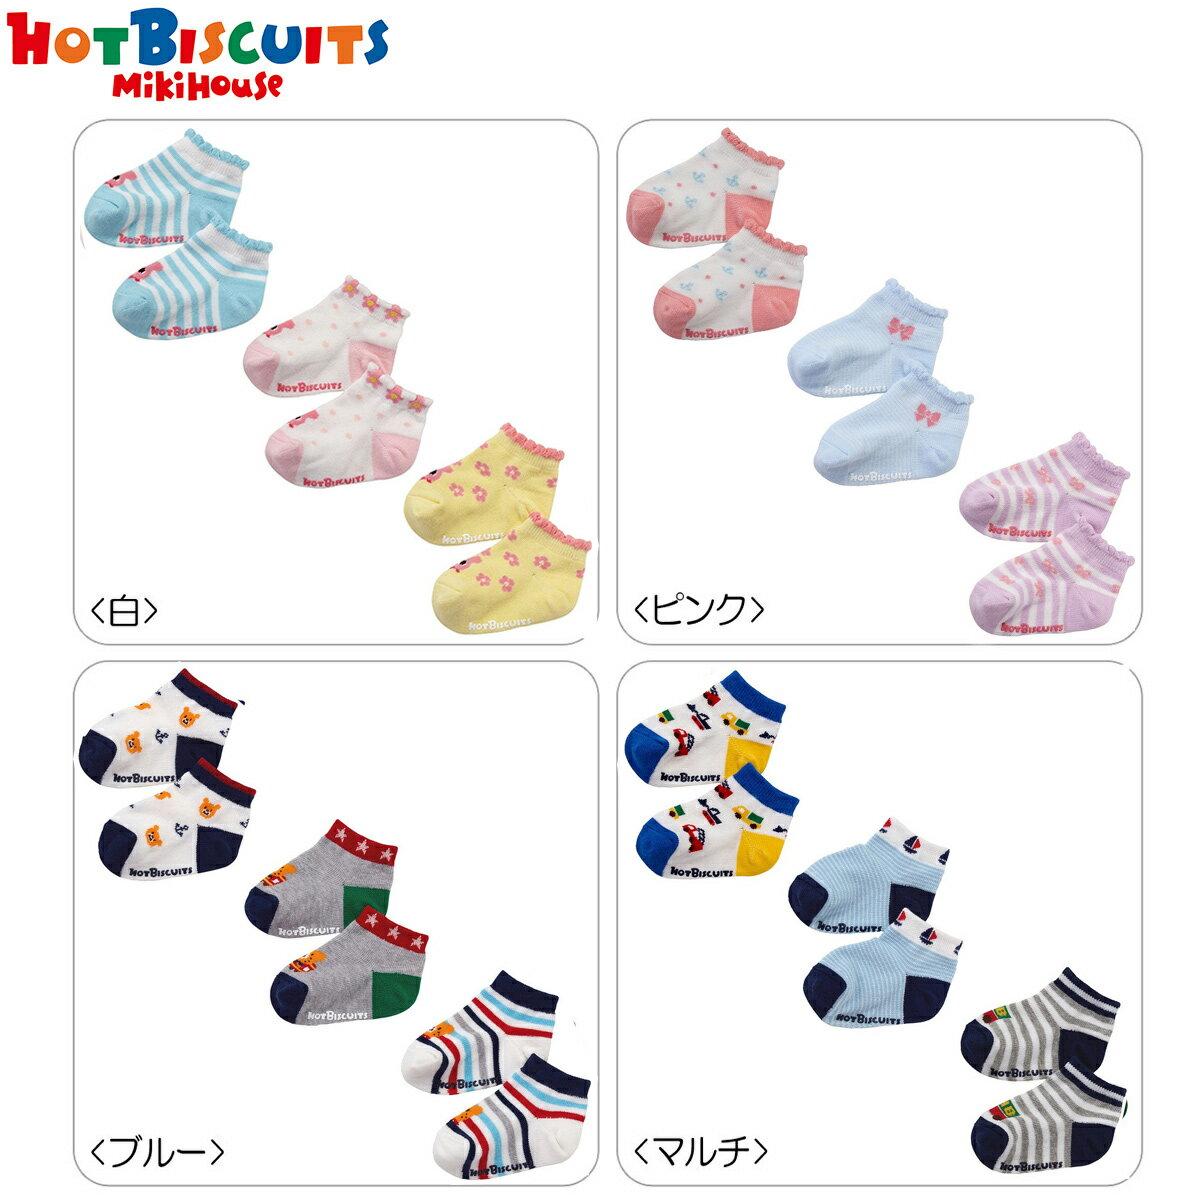 【メール便OK】【HOT BISCUITS ホットビスケッツ】ローカットソックスパック3足セット(9cm-19cm)ミキハウス靴下